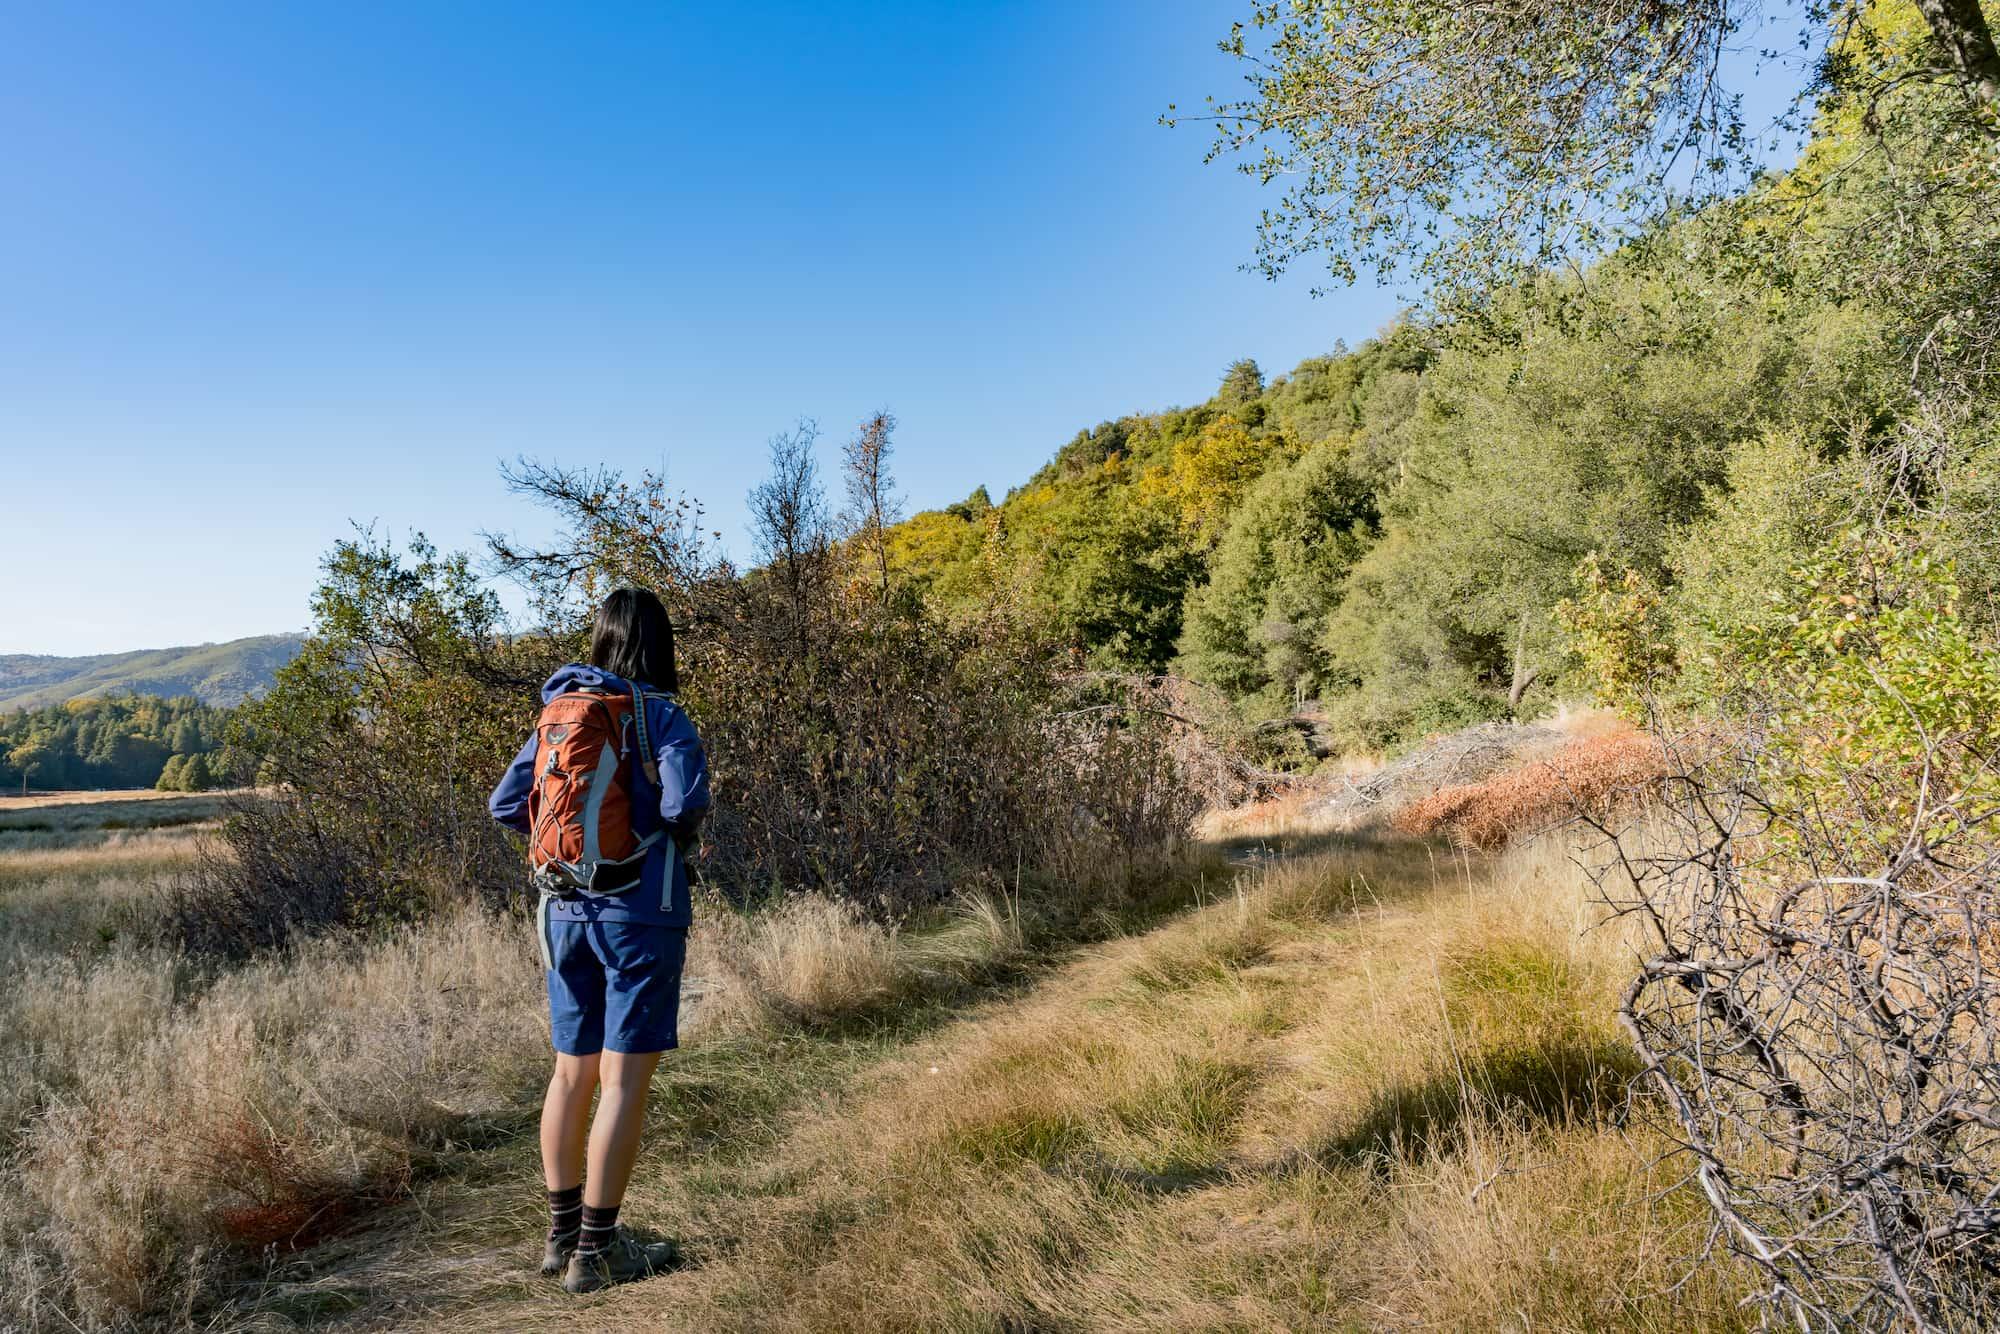 hiker on palomar mountain